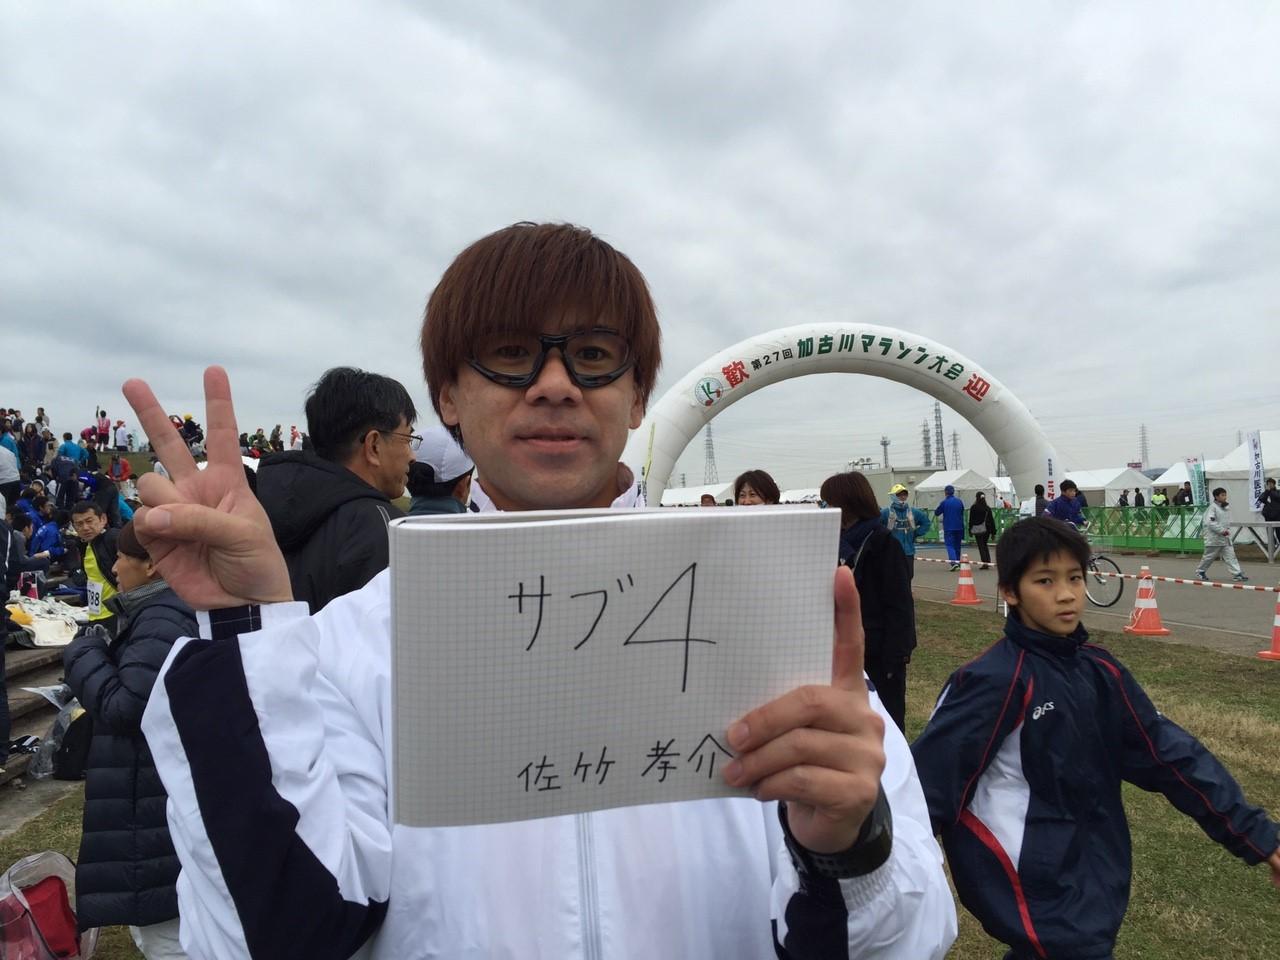 加古川マラソン目標_4061